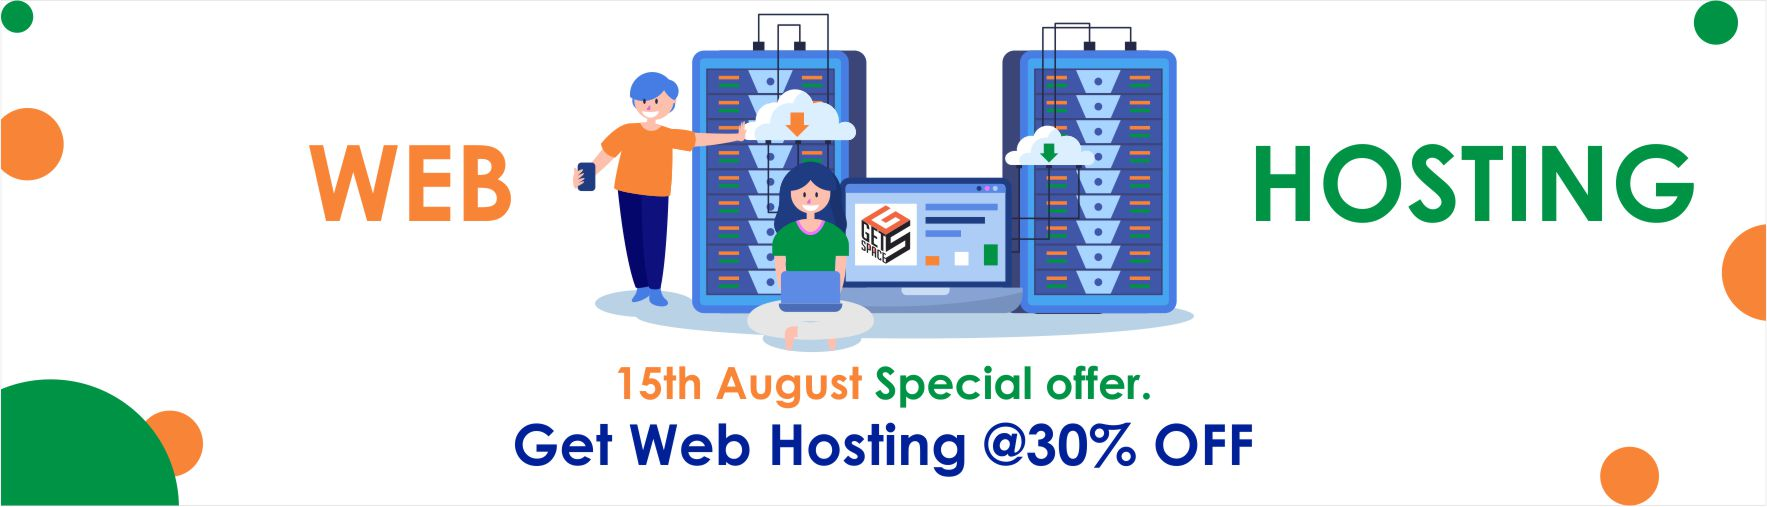 independence web hosting offer